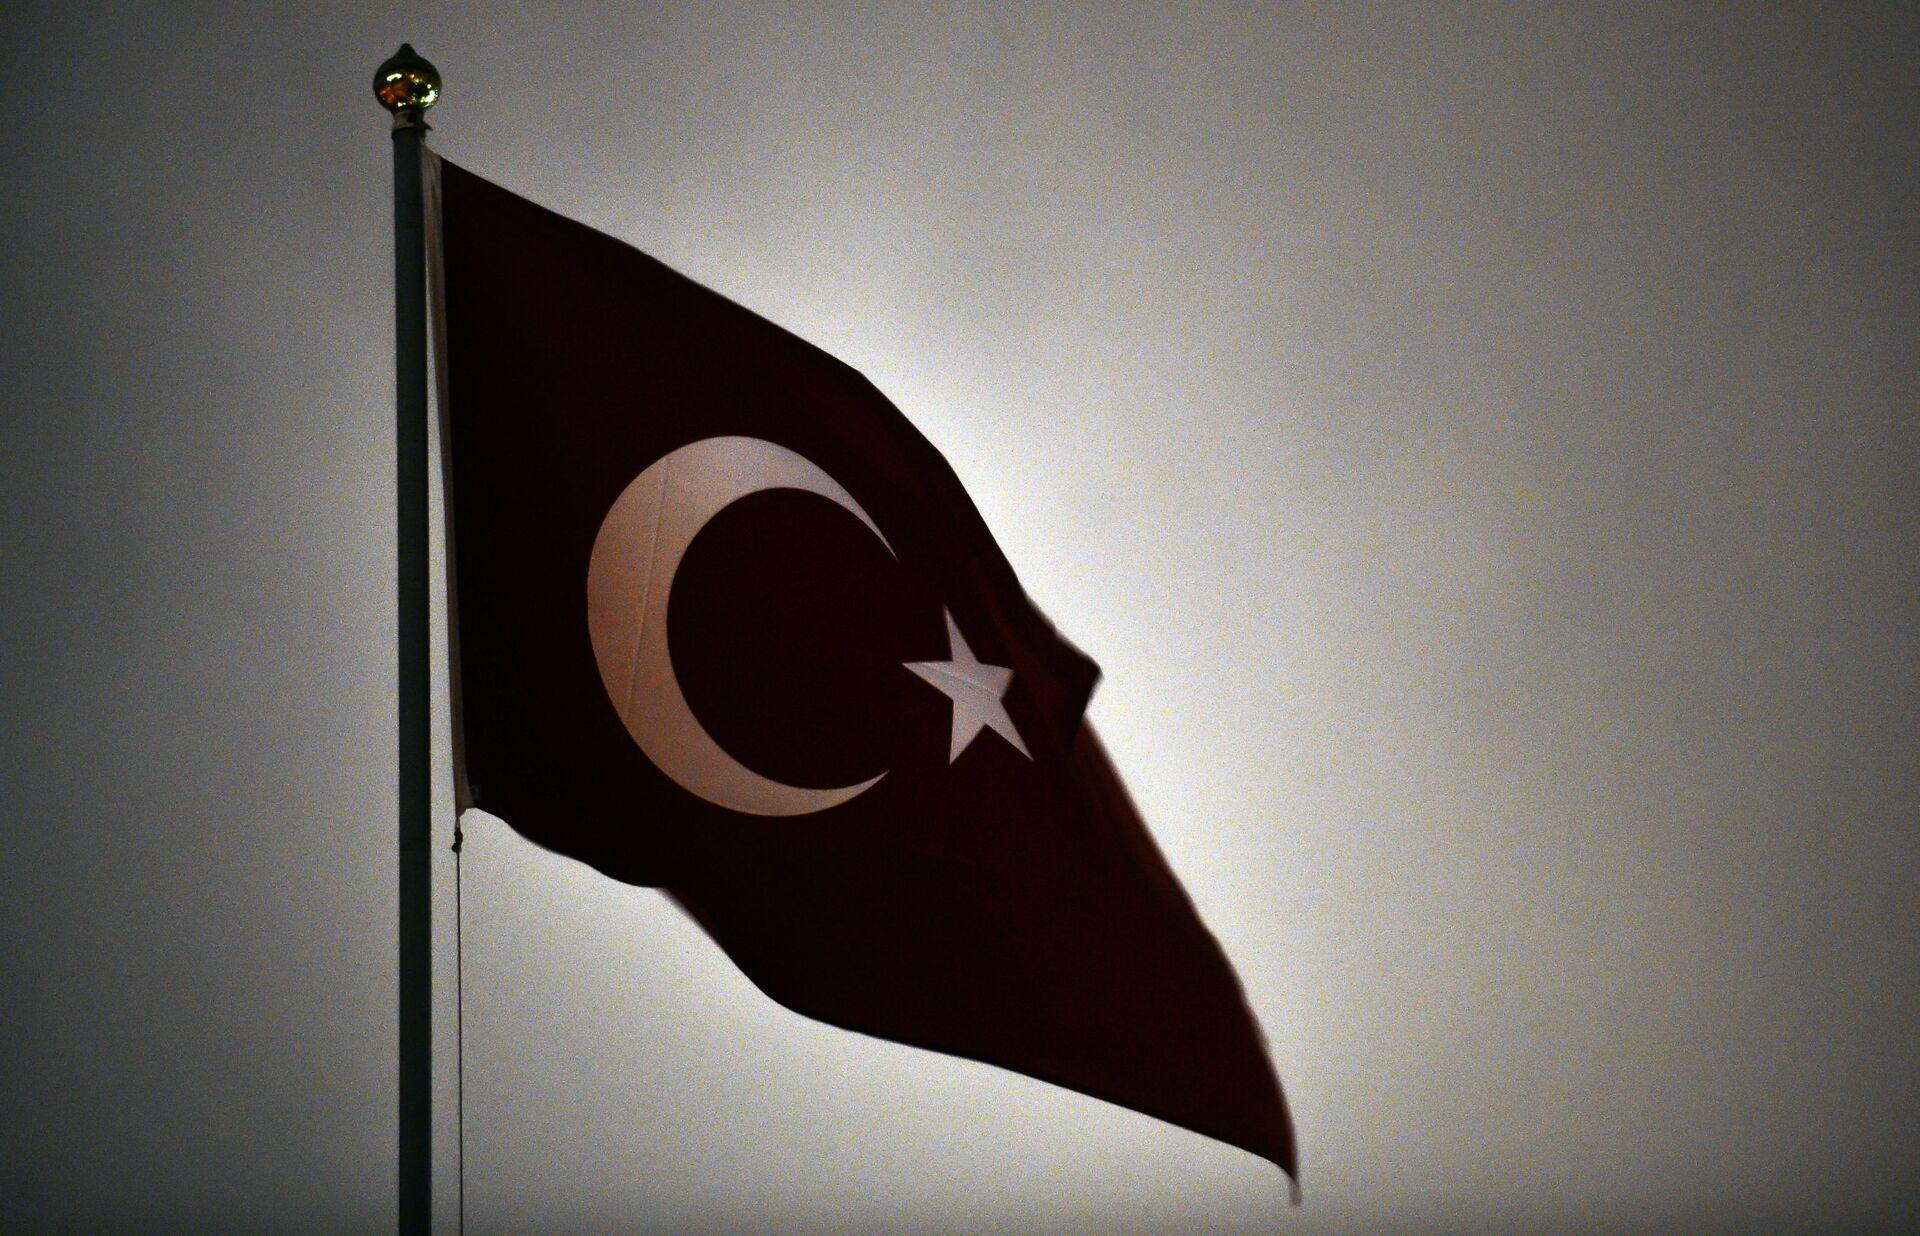 Флаг Турецкой Республики на здании посольства Турецкой Республики в Москве - РИА Новости, 1920, 25.02.2021